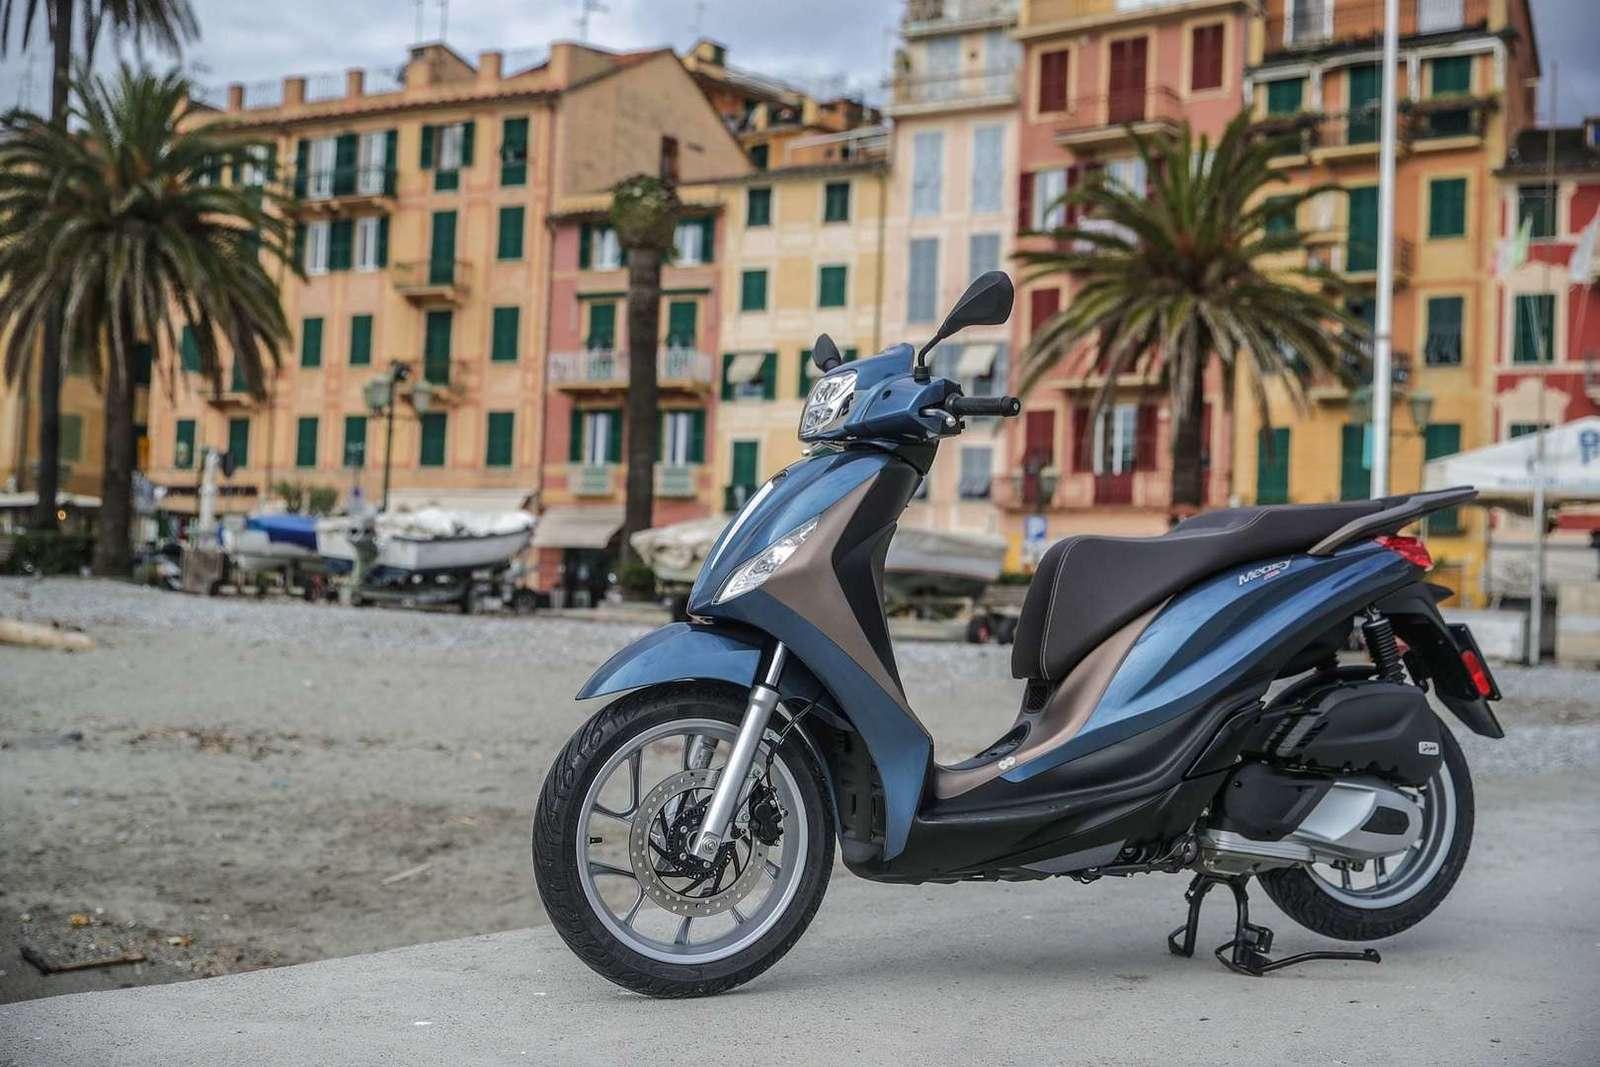 Medley 125 cc verkrijgbaar in wit, blue orione en nero abisso € 3.569,00